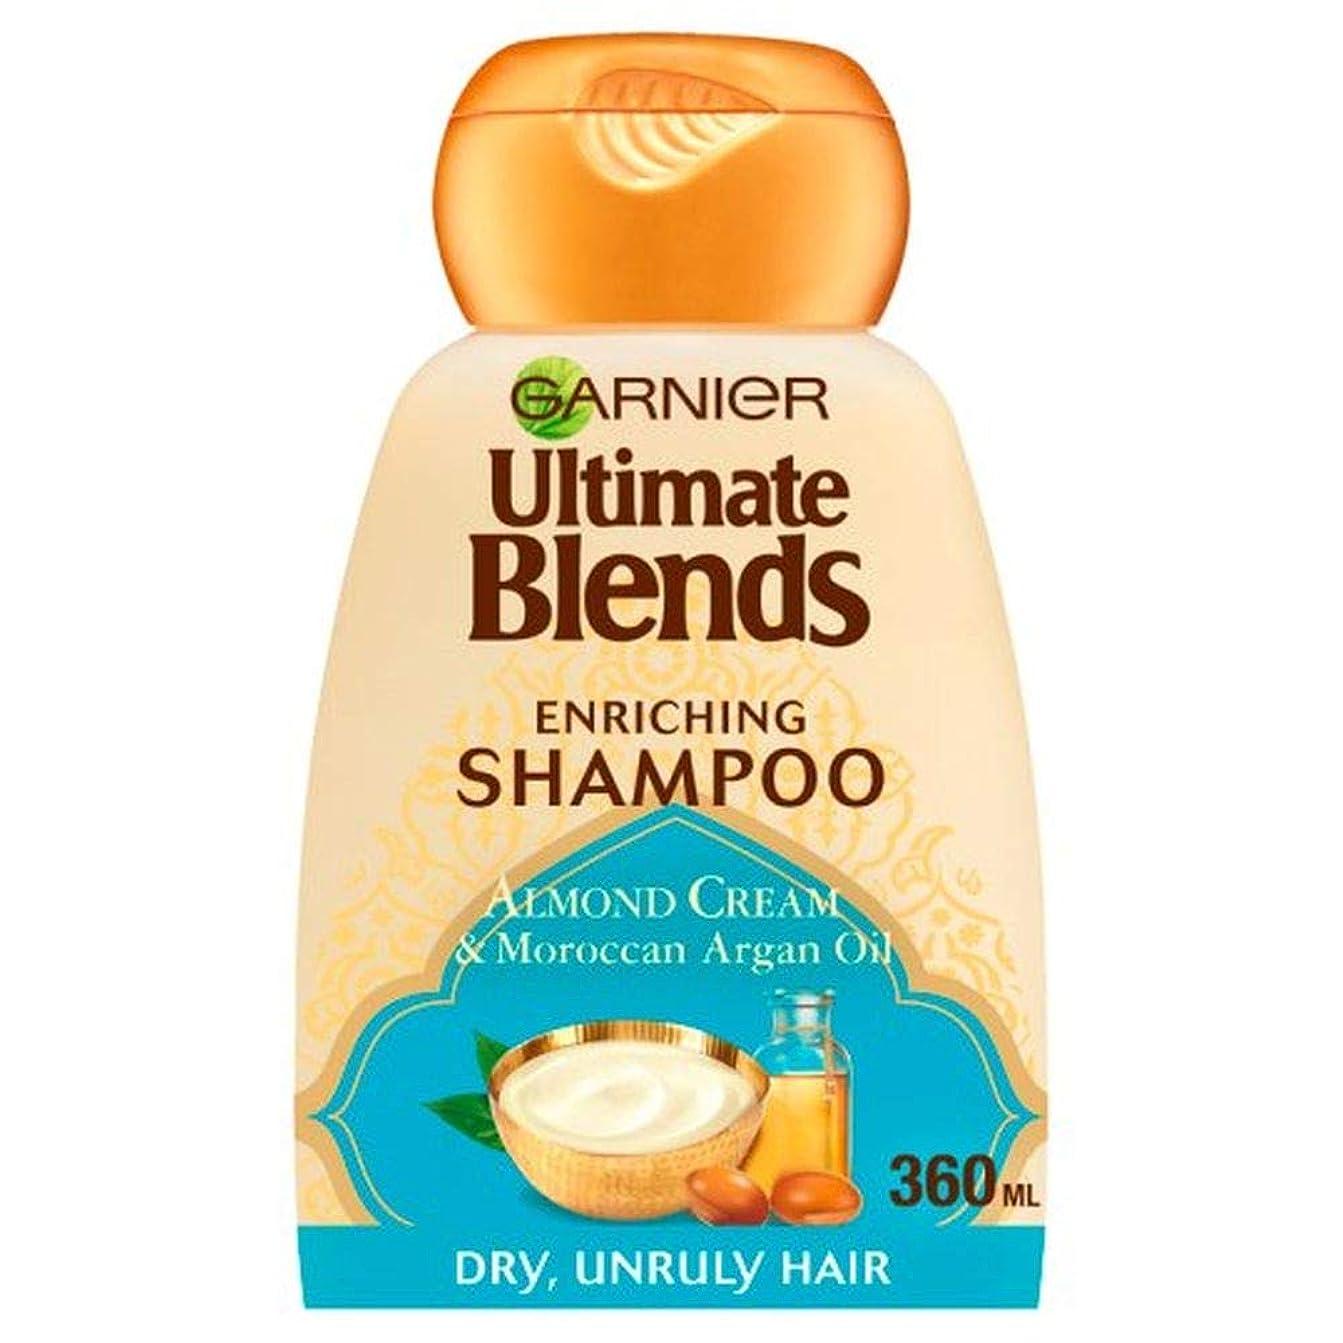 世代石バッチ[Garnier ] Ga/究極のブレンドのArg /オイルとアーモンドシャンプー360ミリリットルRを - Ga/R Ultimate Blends Arg/Oil And Almond Shampoo 360Ml [並行輸入品]